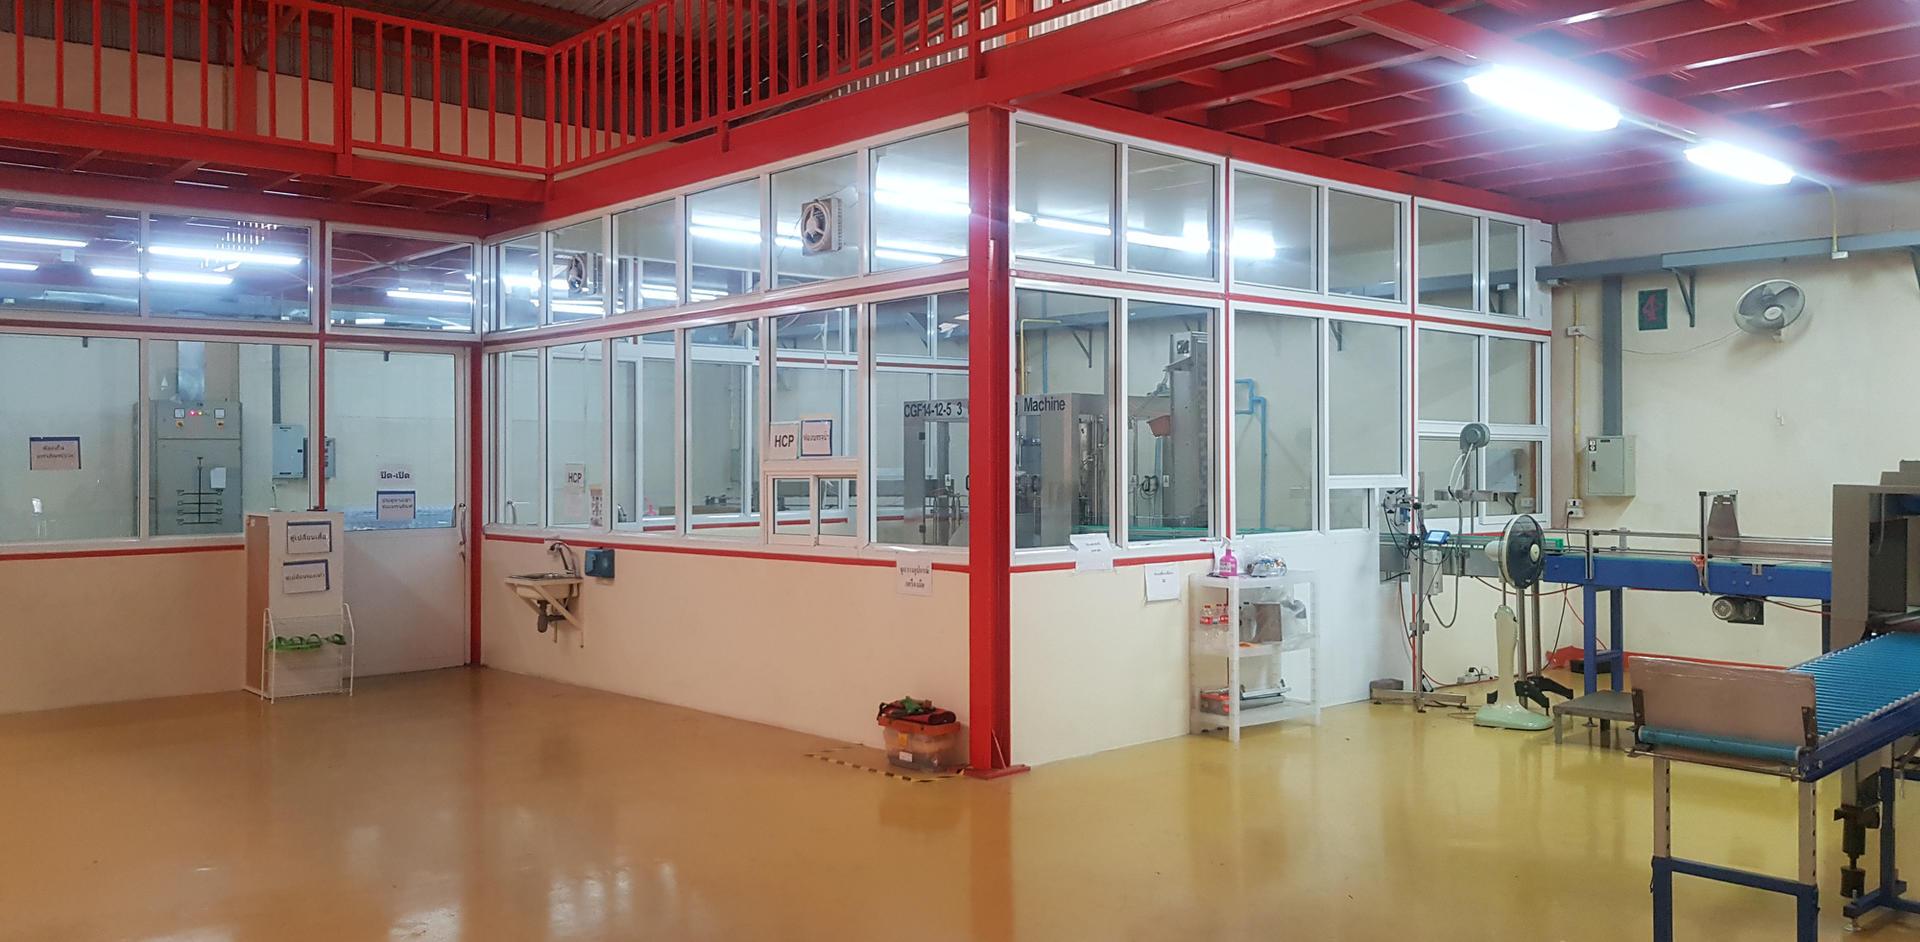 ห้องผลิตน้ำดื่ม โรงงานน้ำดื่ม Lifeplus Water